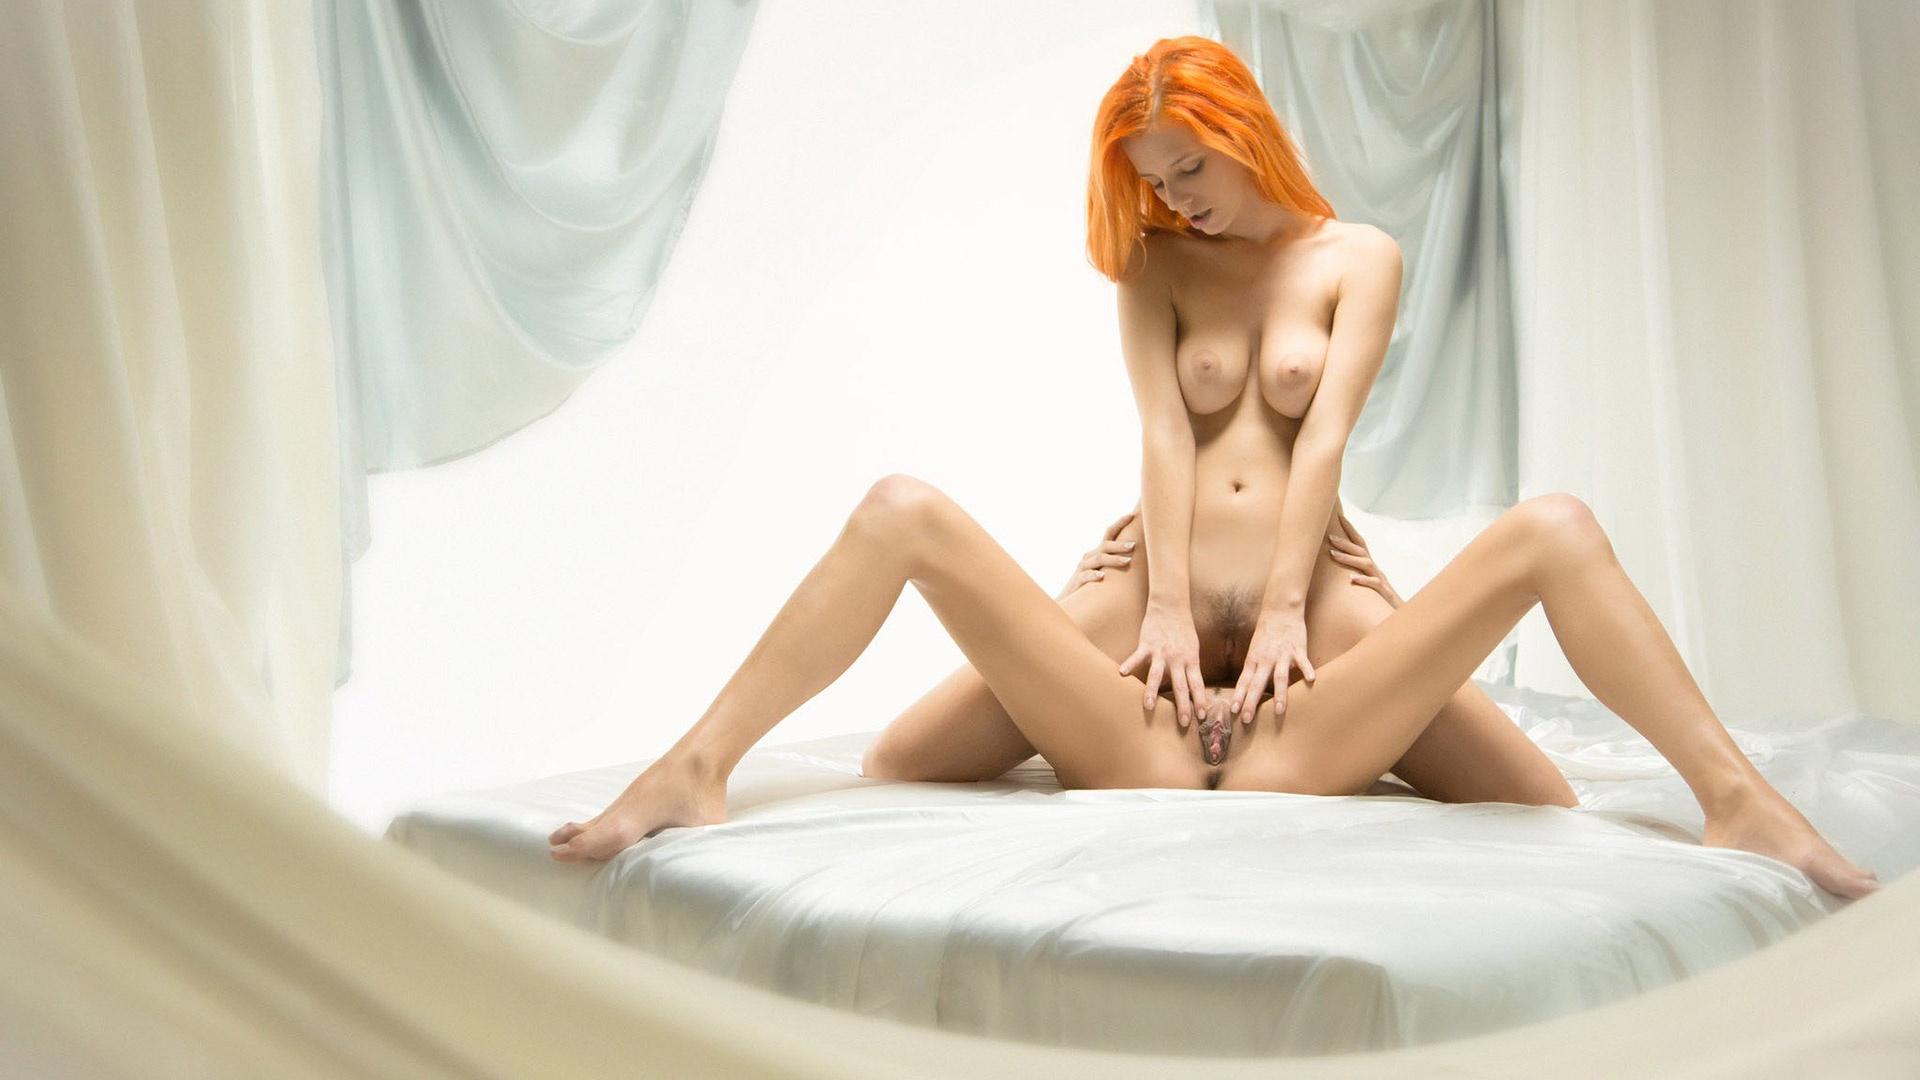 Piper fawn фото hd